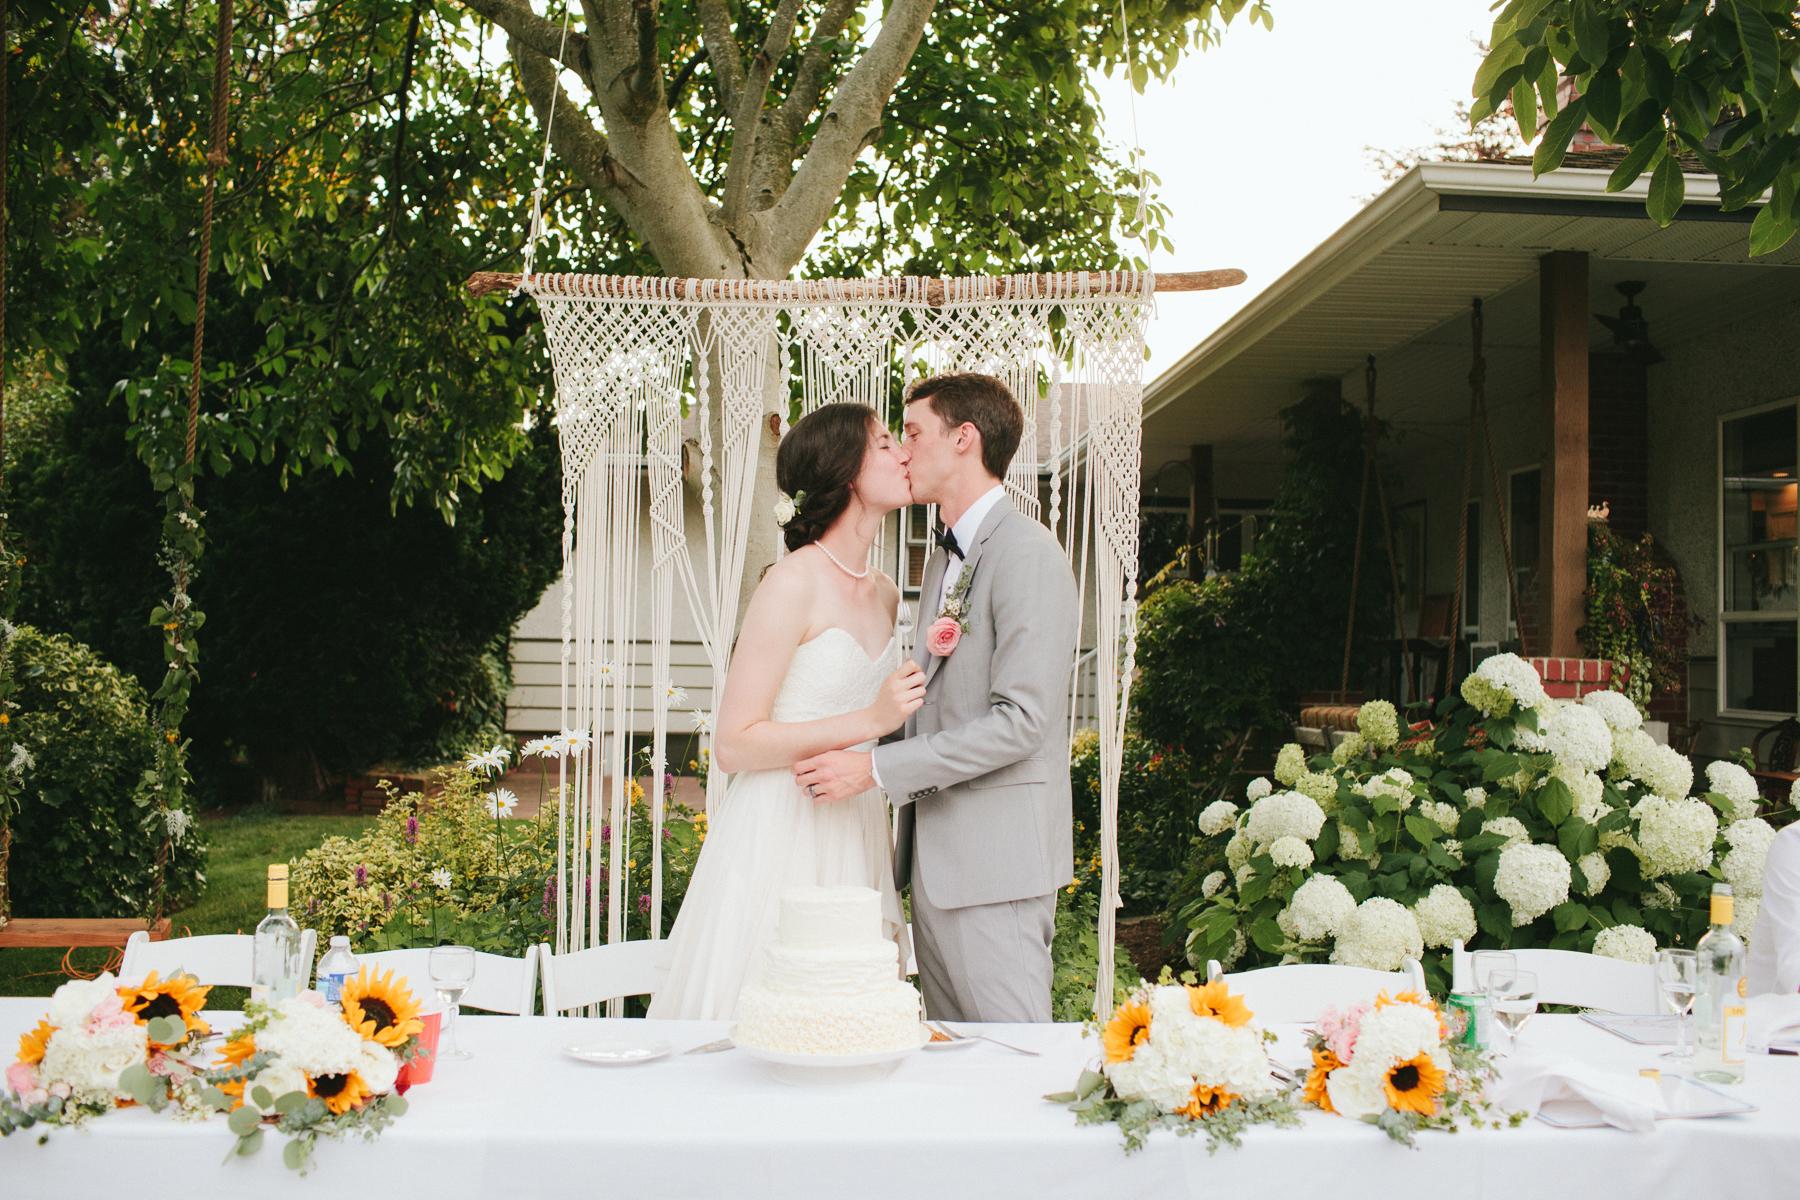 Vancouver-Rustic-Farm-Wedding-KB-195.jpg